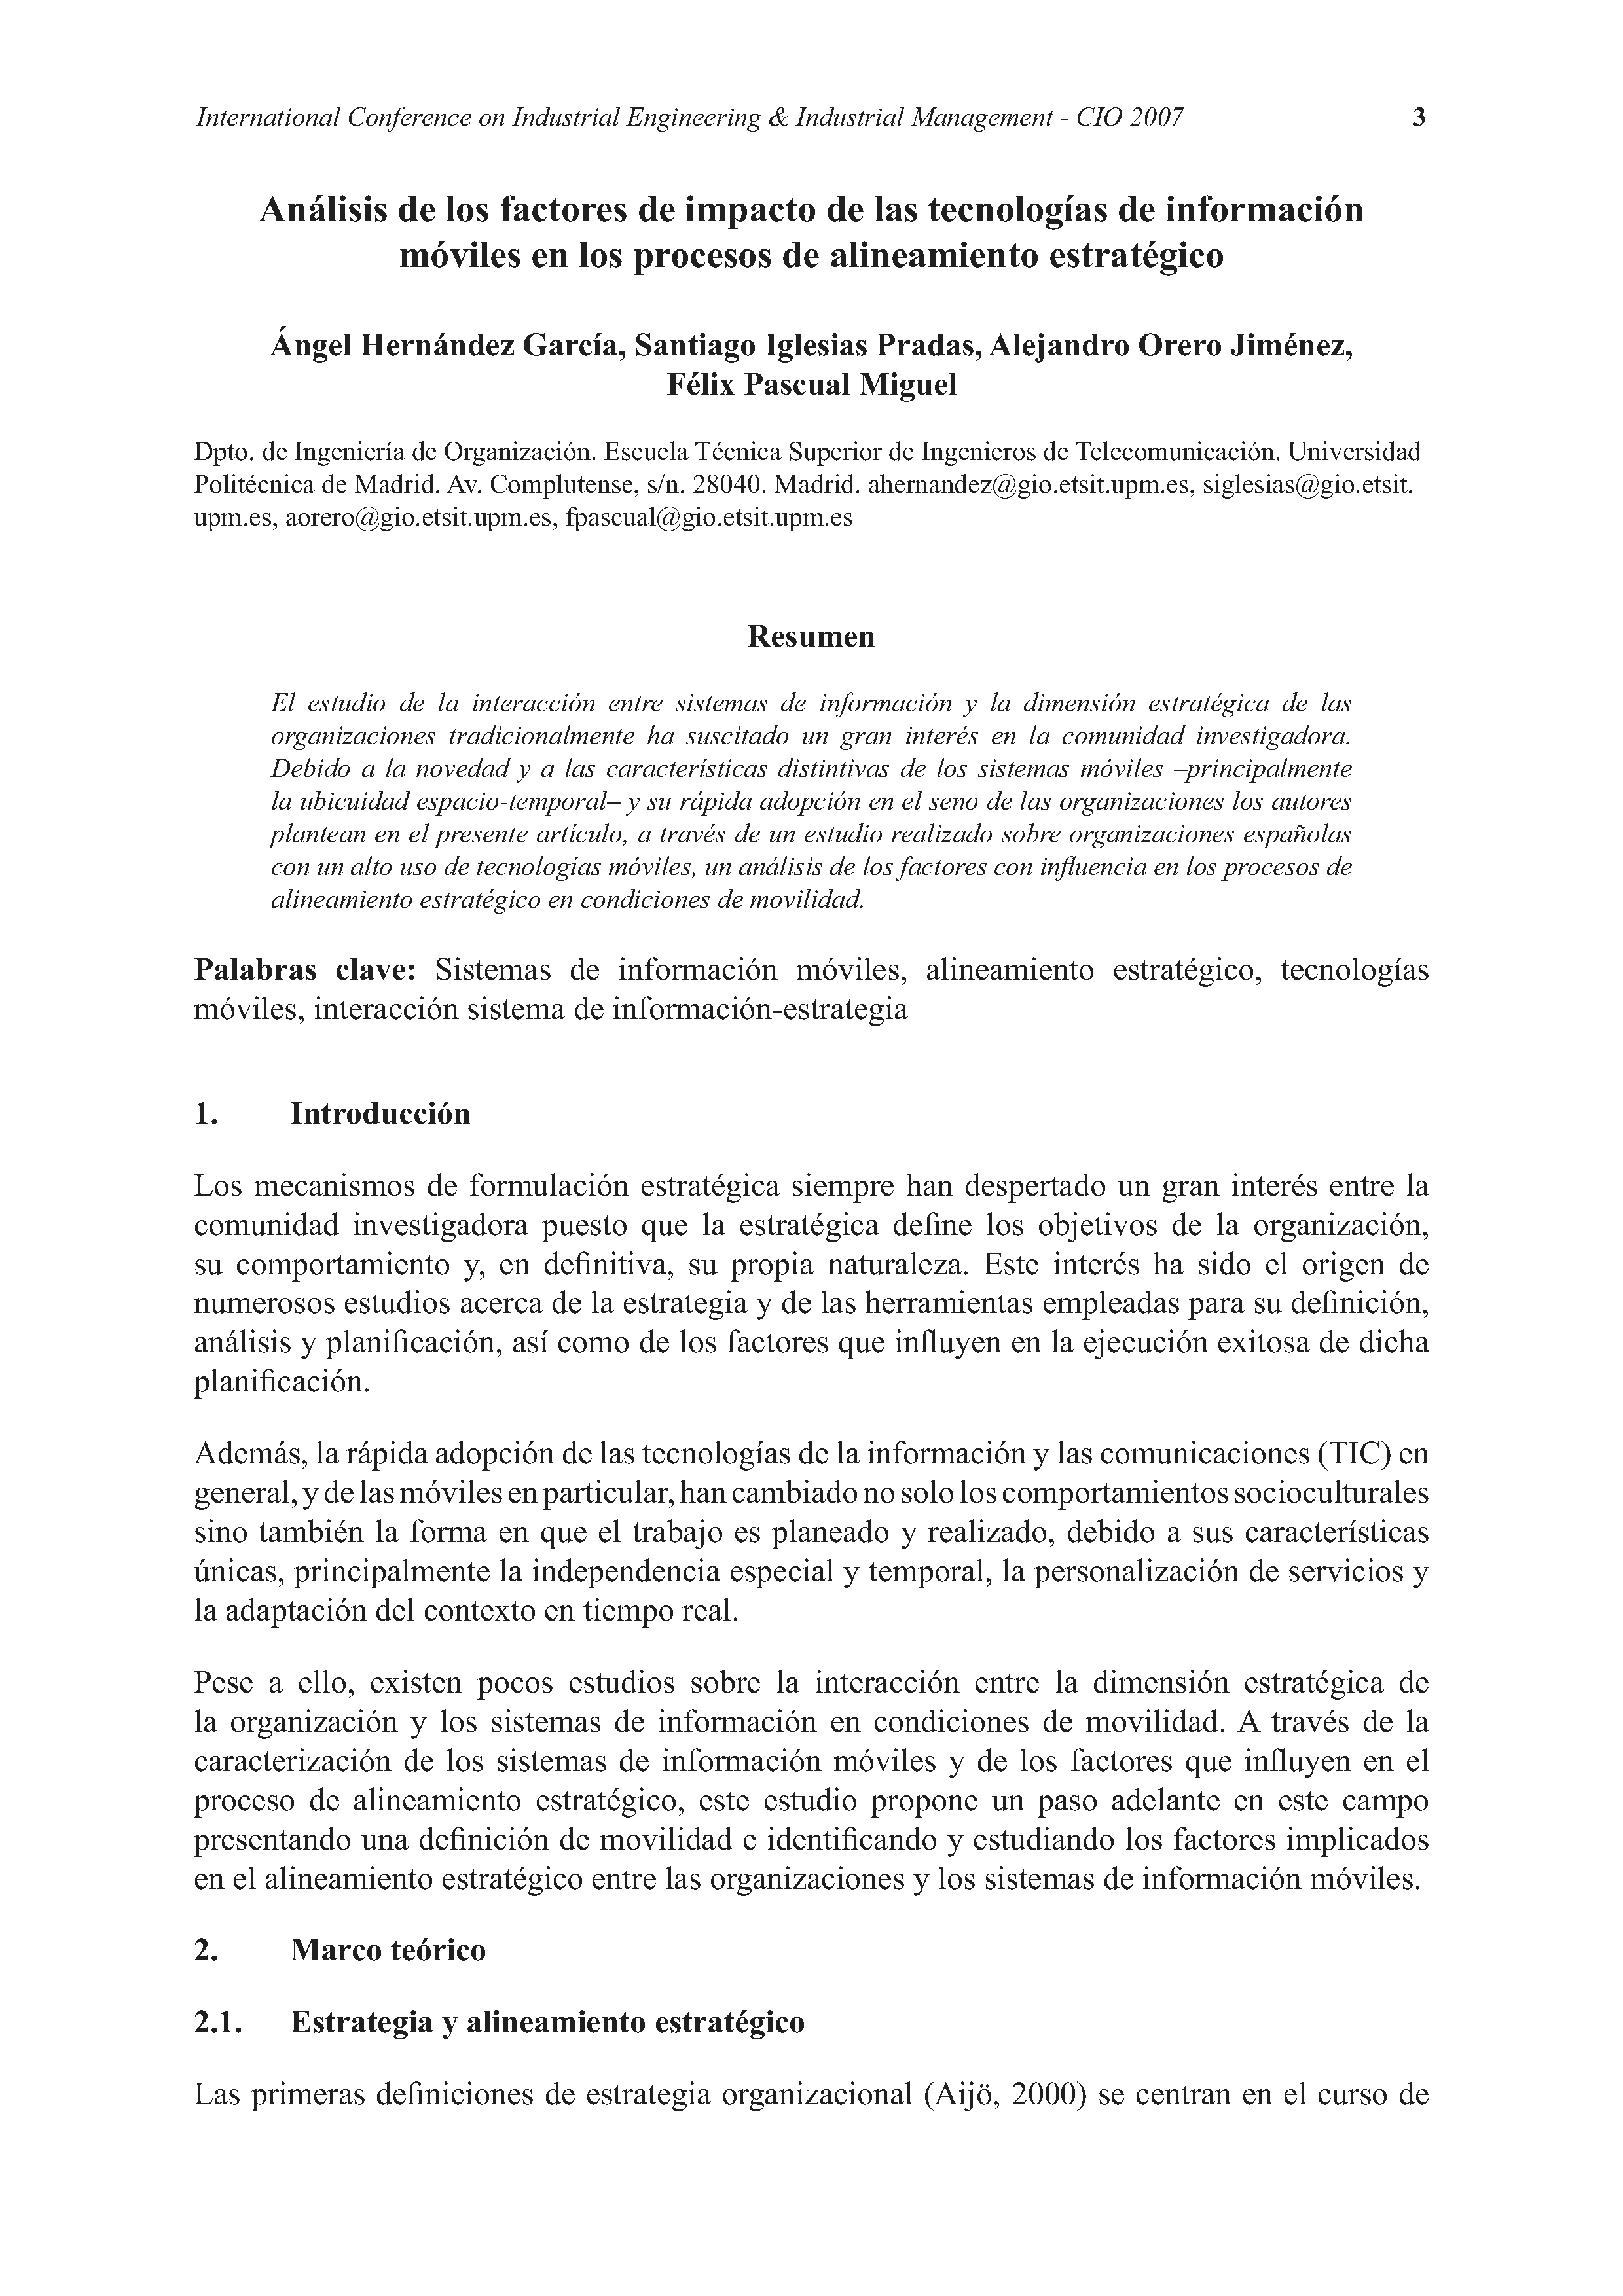 Análisis de los factores de impacto de las tecnologías de información  móviles en los procesos de alineamiento estratégico